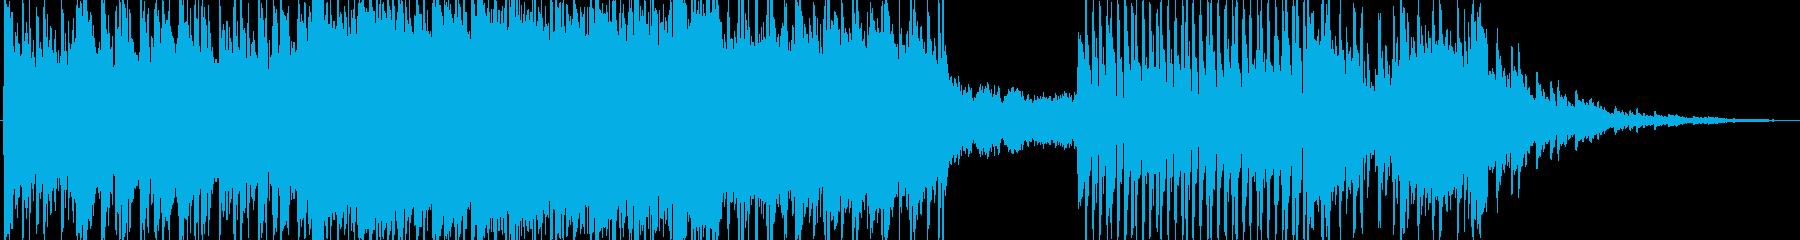 ギター生演奏スローでダークなマスロックの再生済みの波形